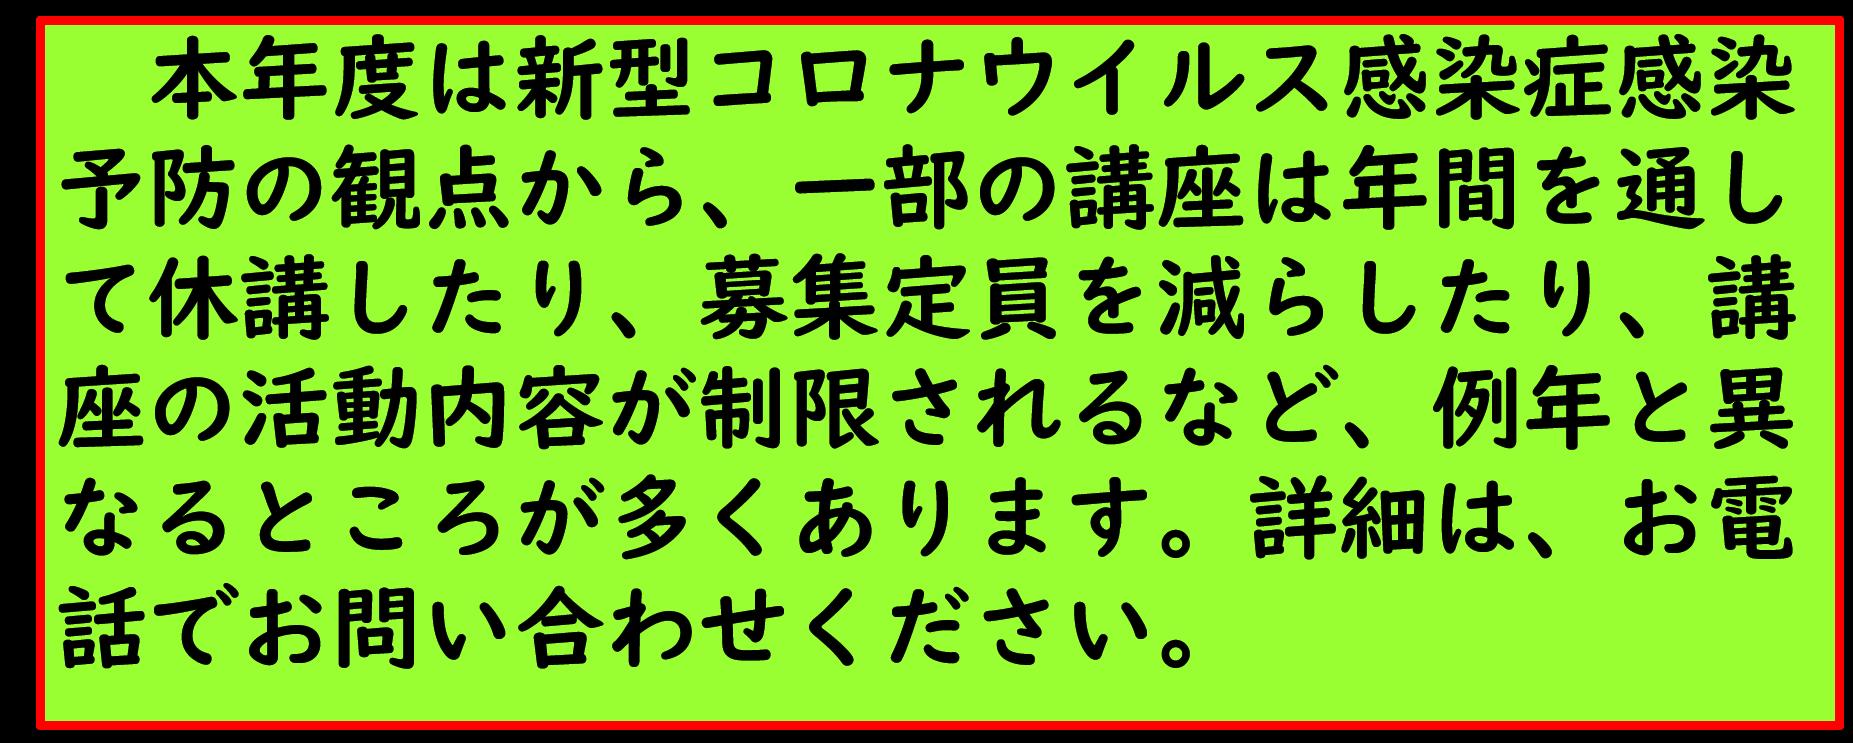 自主講座関連(3)